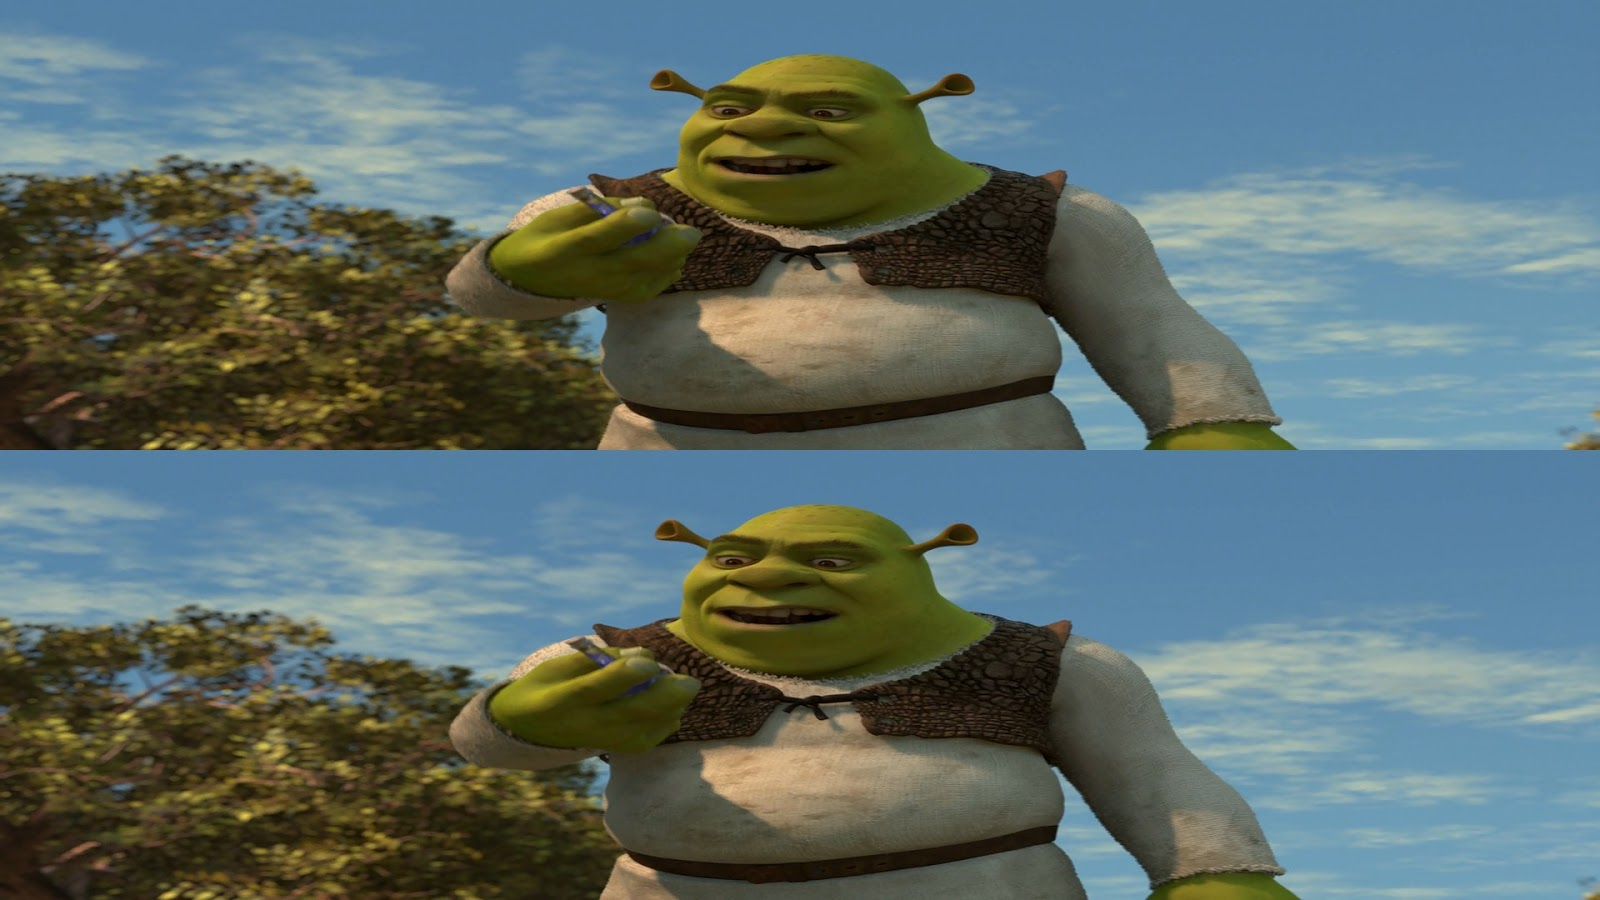 Shrek Dual 1080p